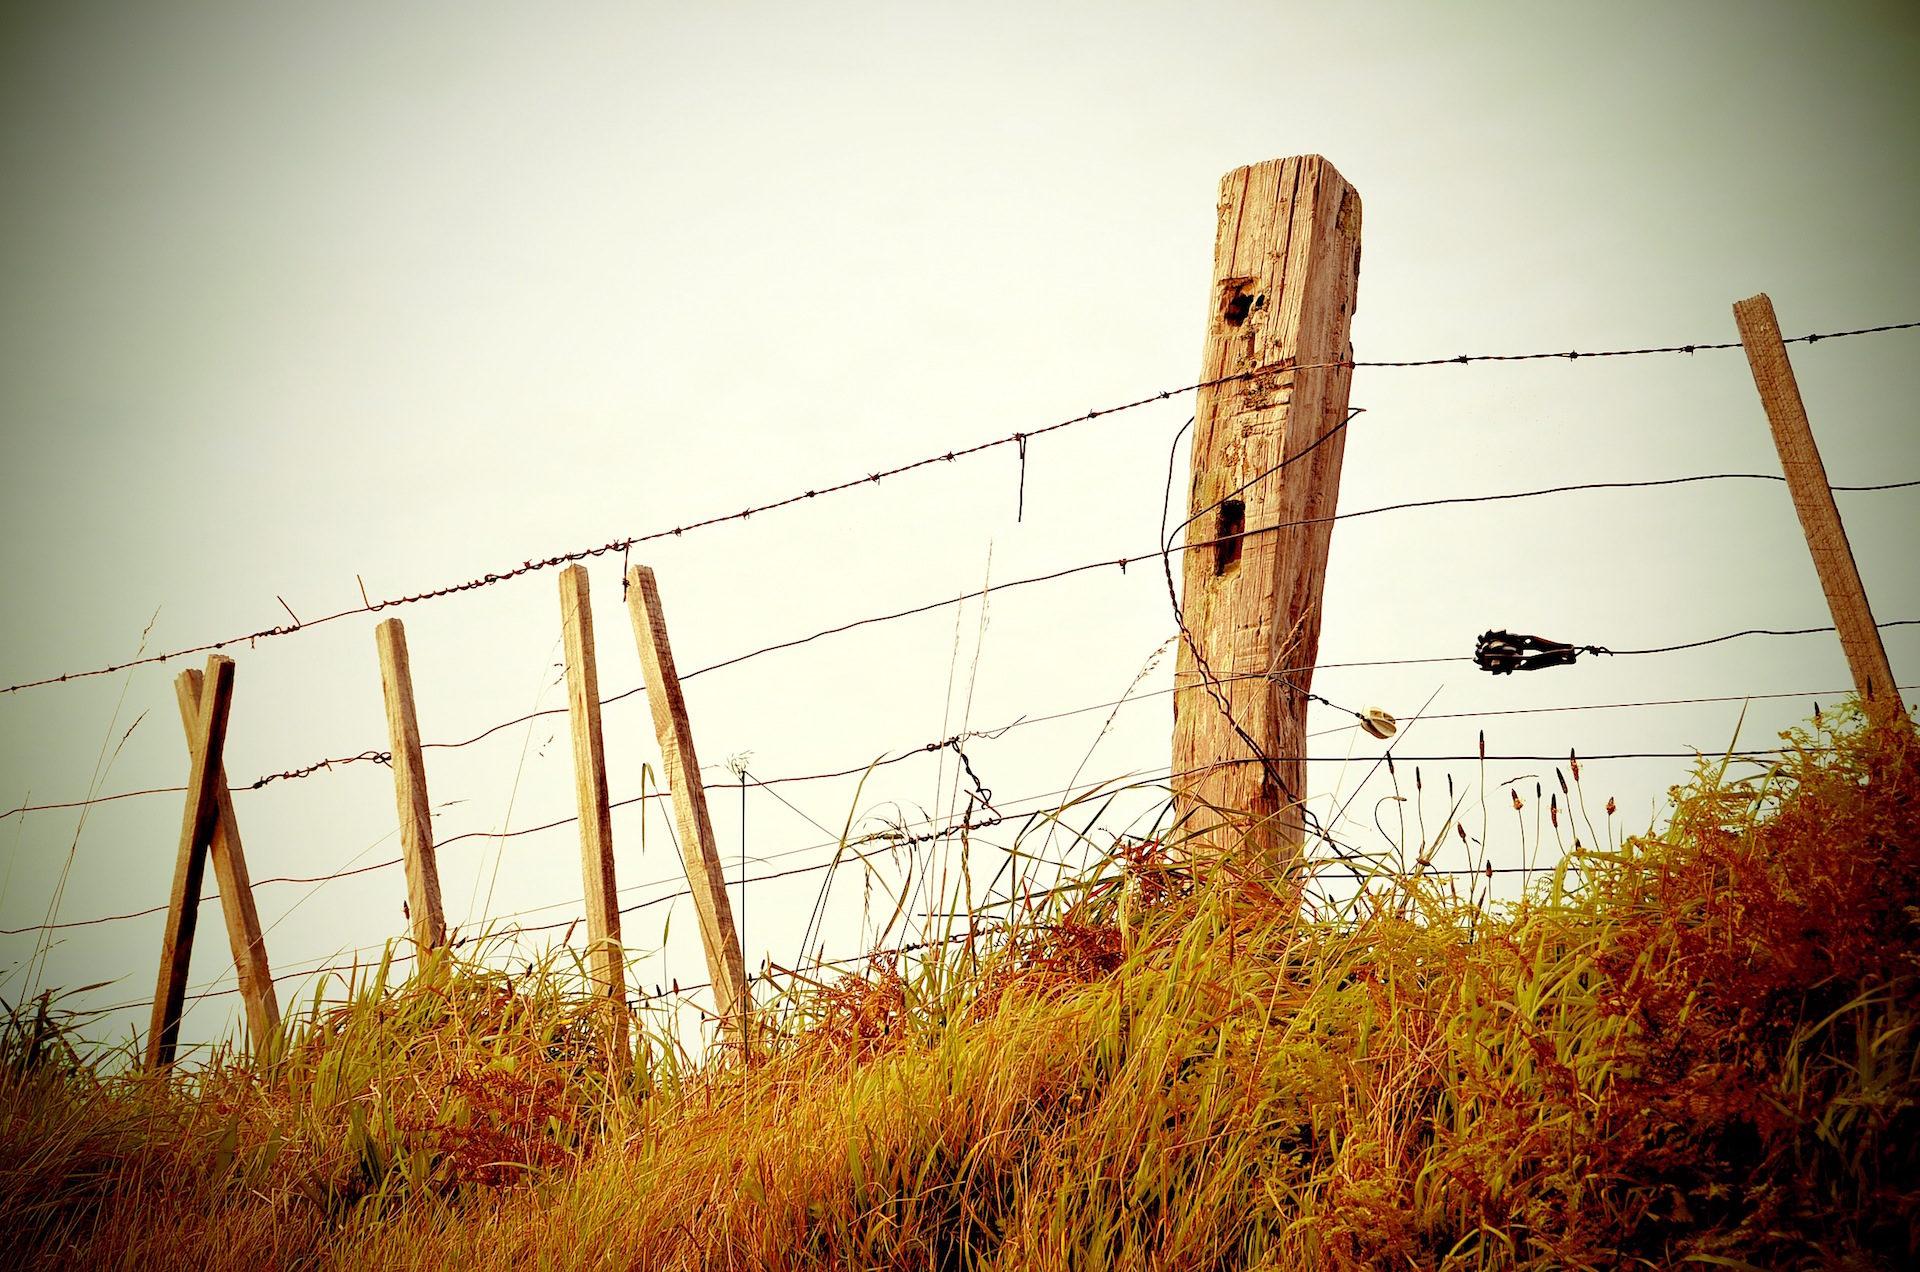 栅栏, 关闭, alambre, 破碎, 老 - 高清壁纸 - 教授-falken.com